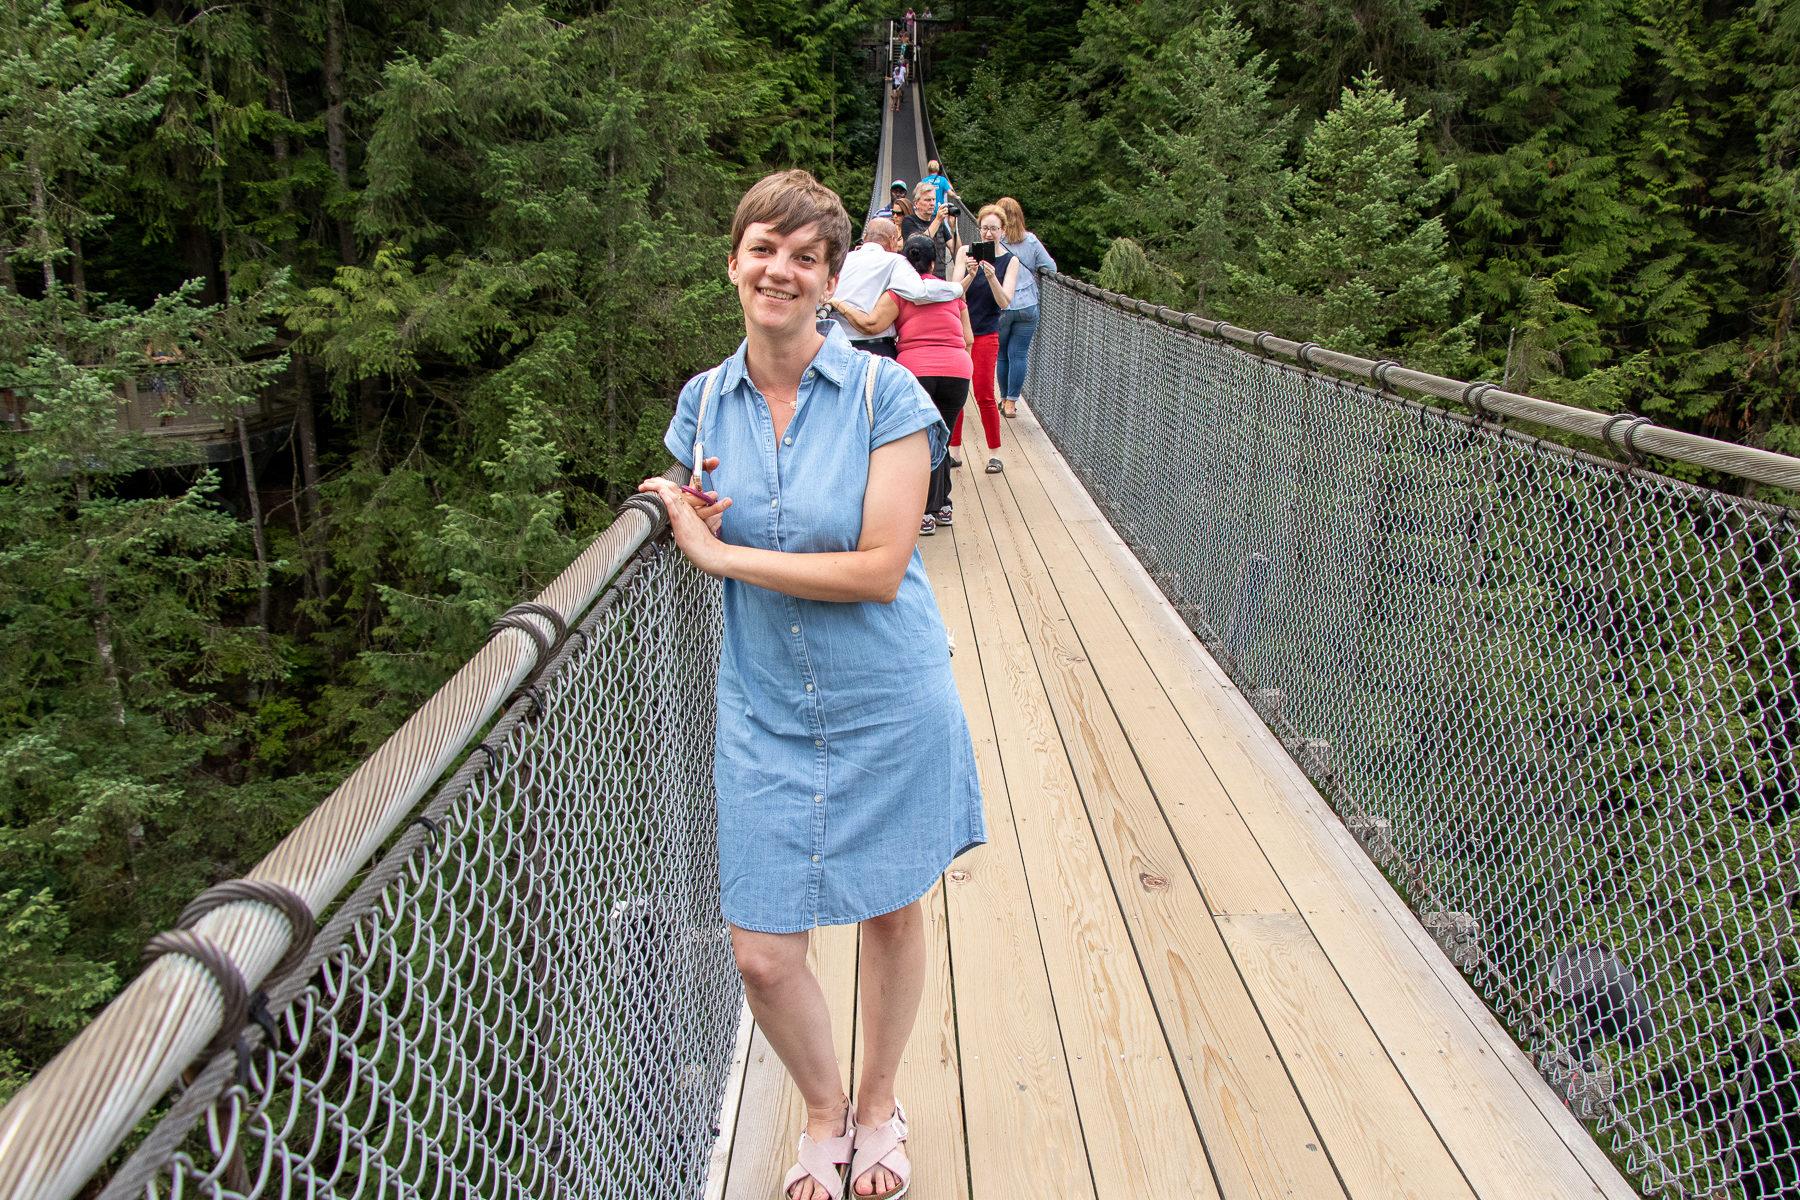 Ein Gang über die Capilano Suspension Bridge ist eine ganz schön wacklige Angelegenheit. Aber: Es macht auch wahnsinnig viel Spaß.